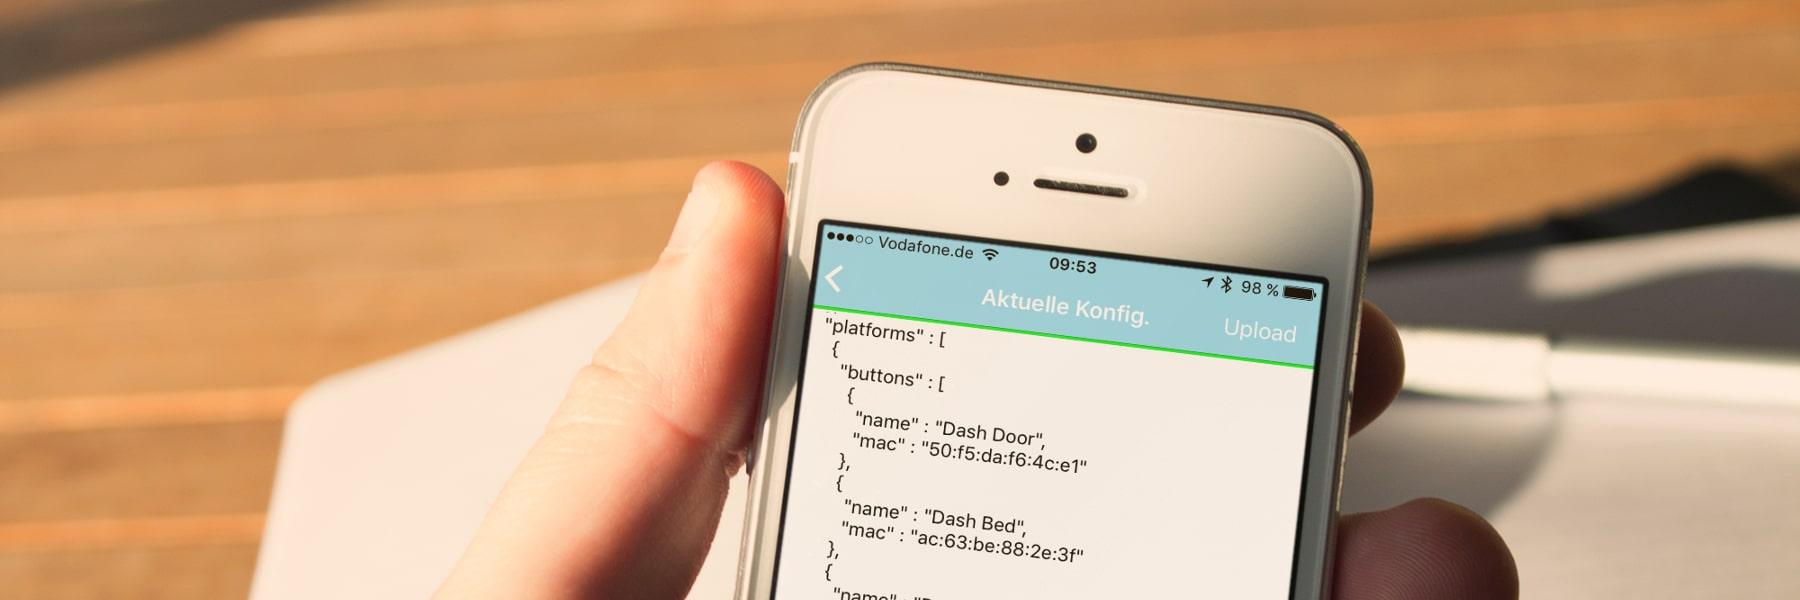 Homebridge App mit neuen Funktionen